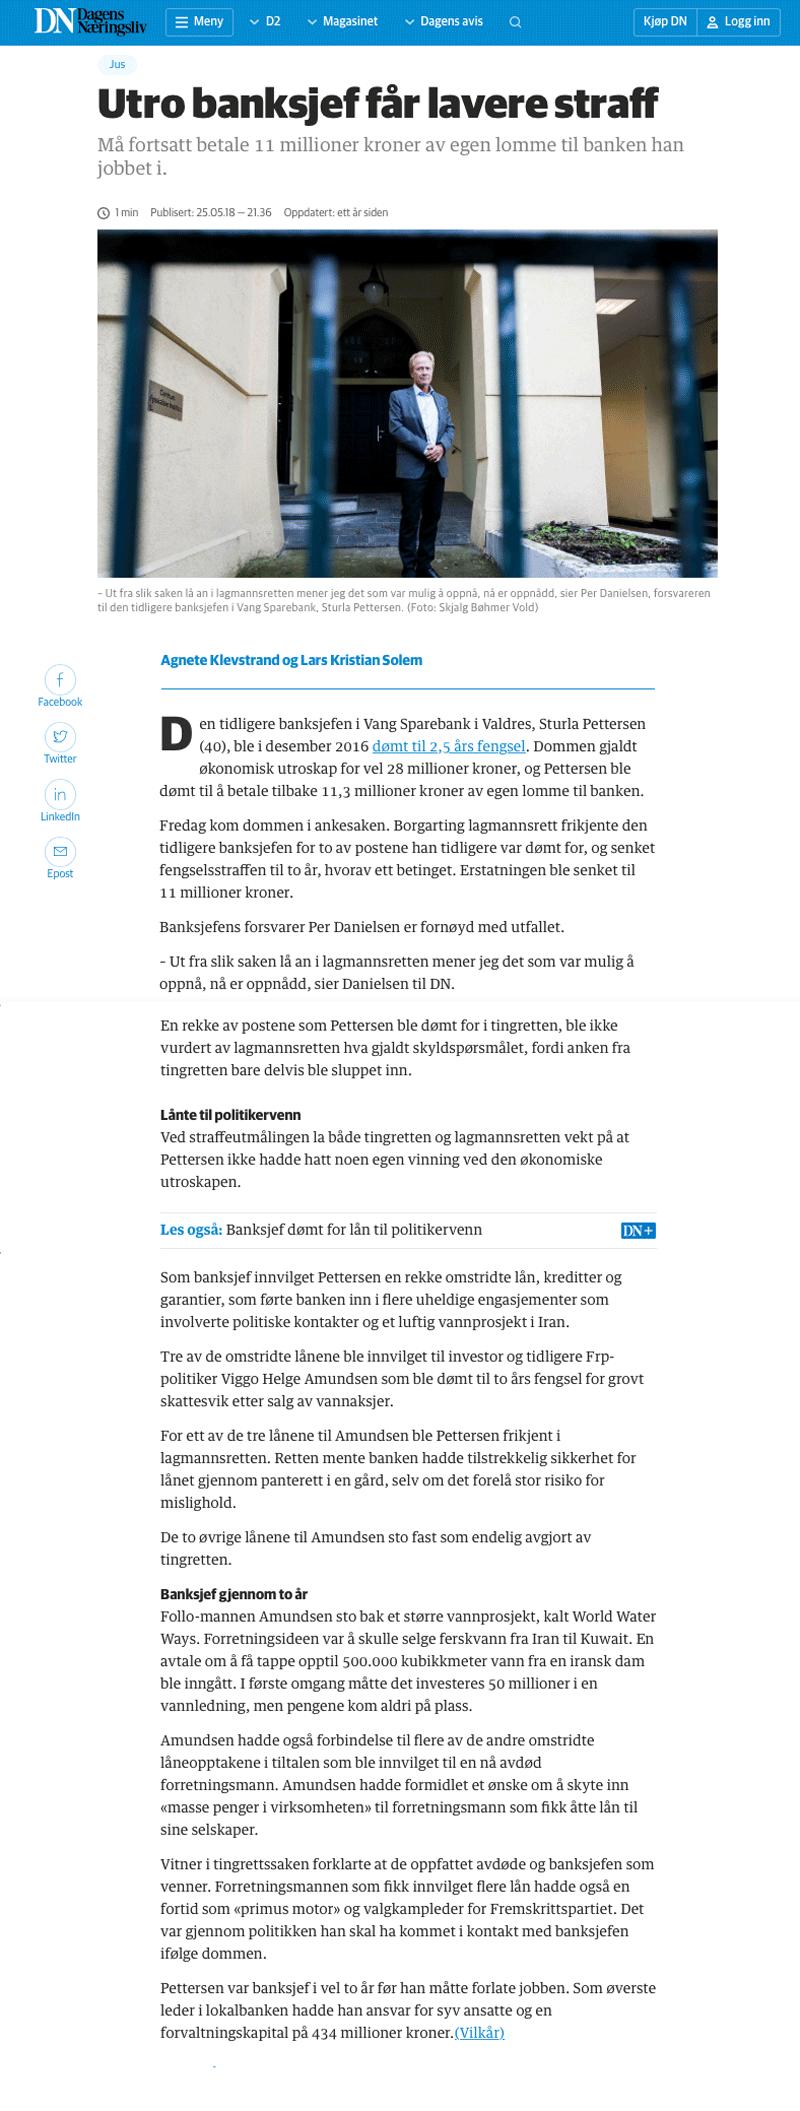 Advokat økonomisk kriminalitet. Lavere straff for utro banksjef. Advokat Danielsen & Co. Per Danielsen.